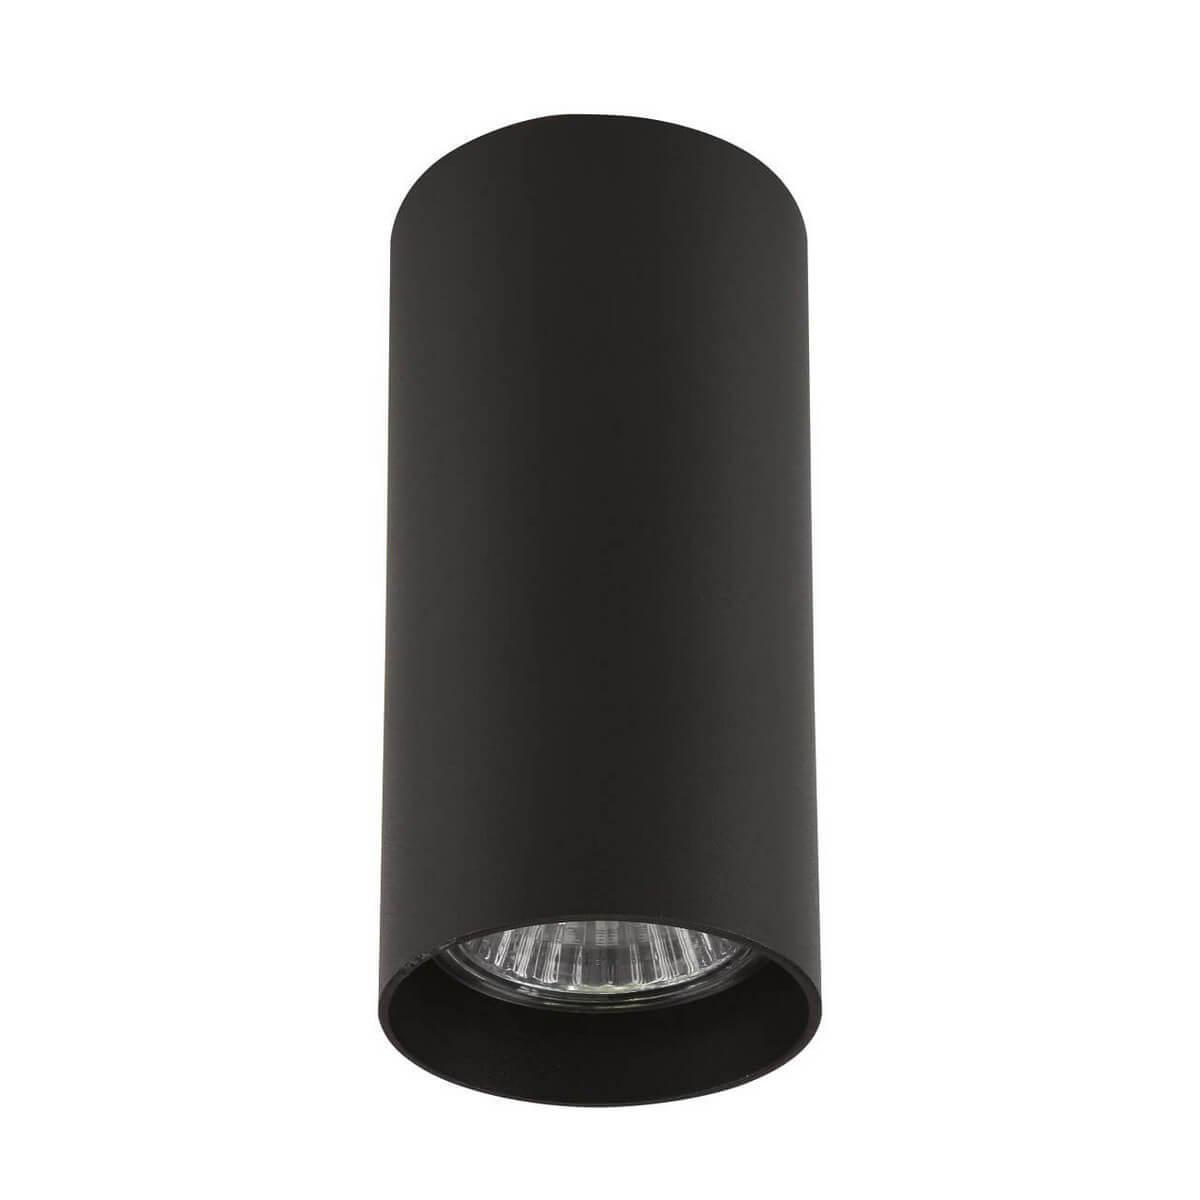 Потолочный светильник Lightstar 214487, GU10, 50 Вт светильник lightstar rullo ls 214436